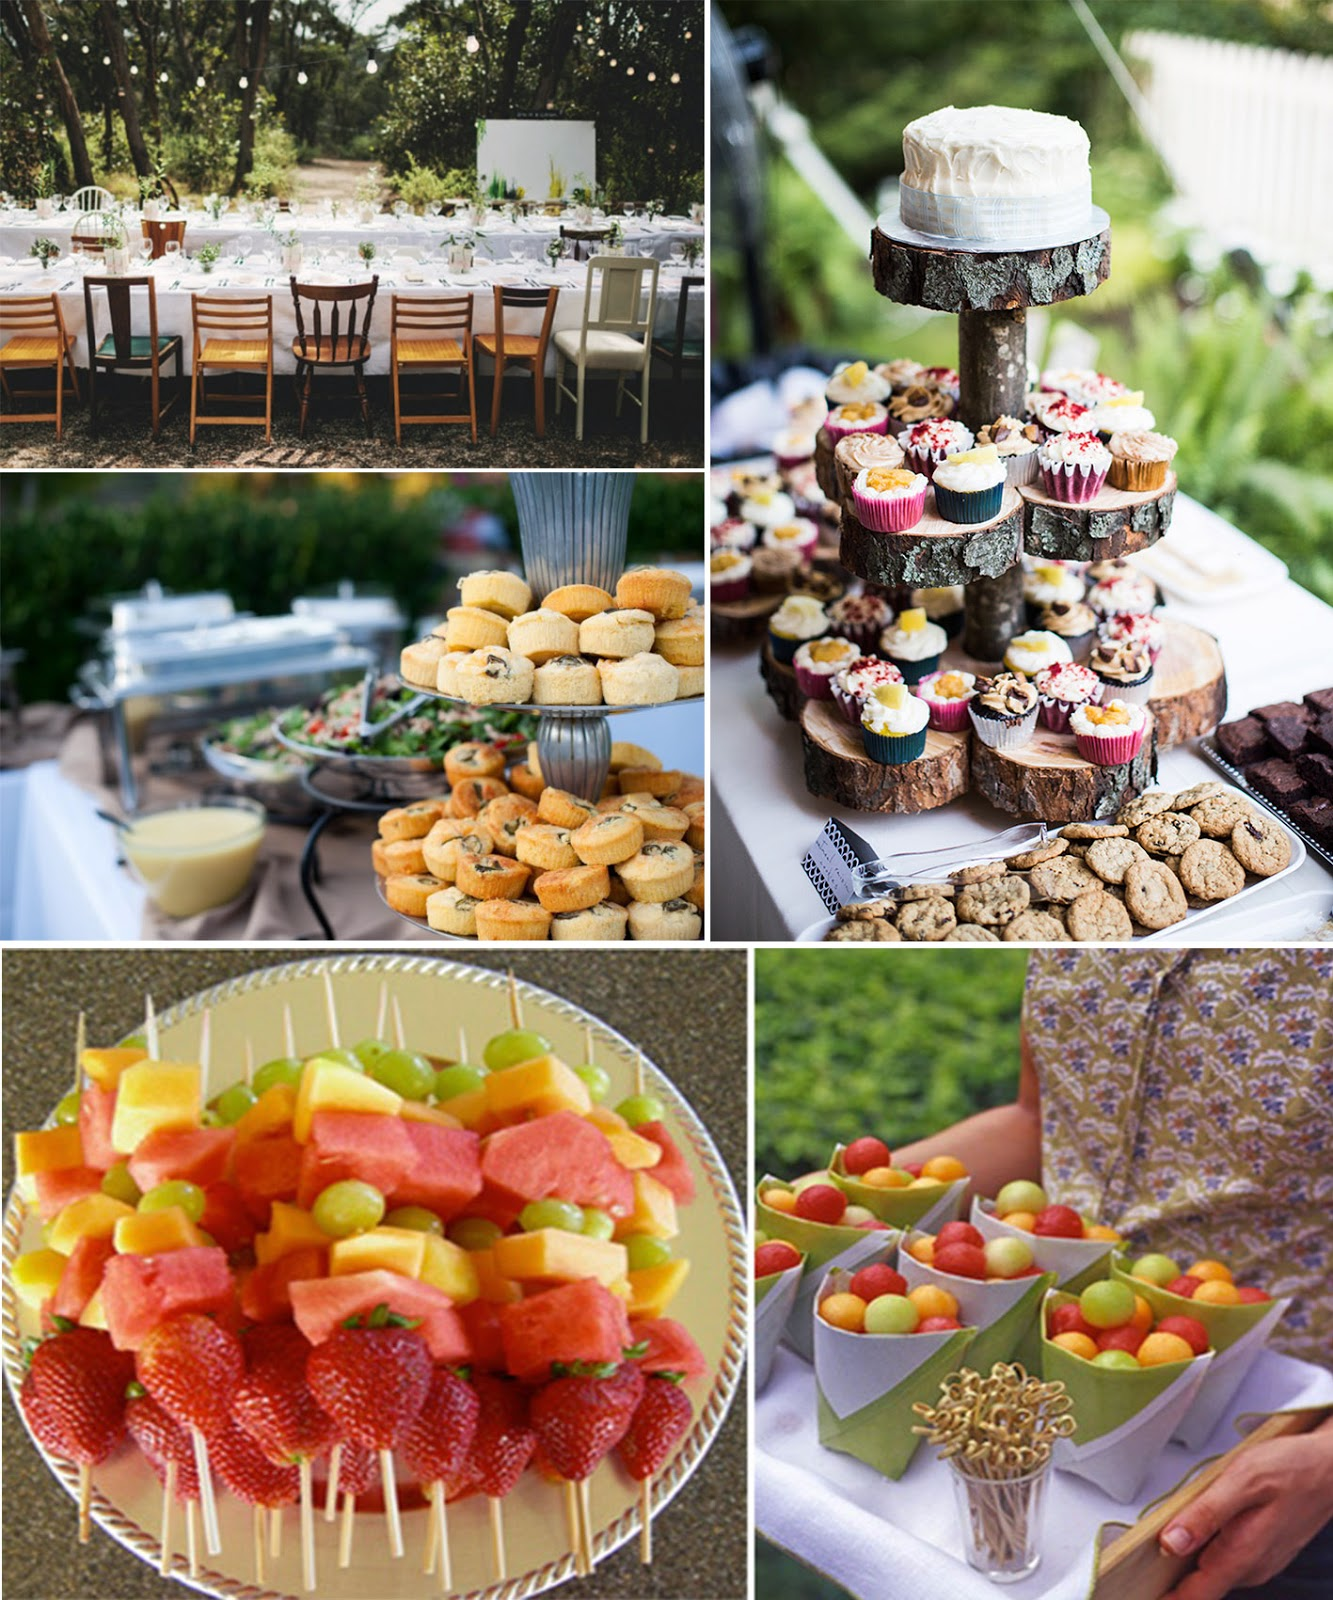 Prom dress how to plan a backyard themed wedding - Decoratie snack ...